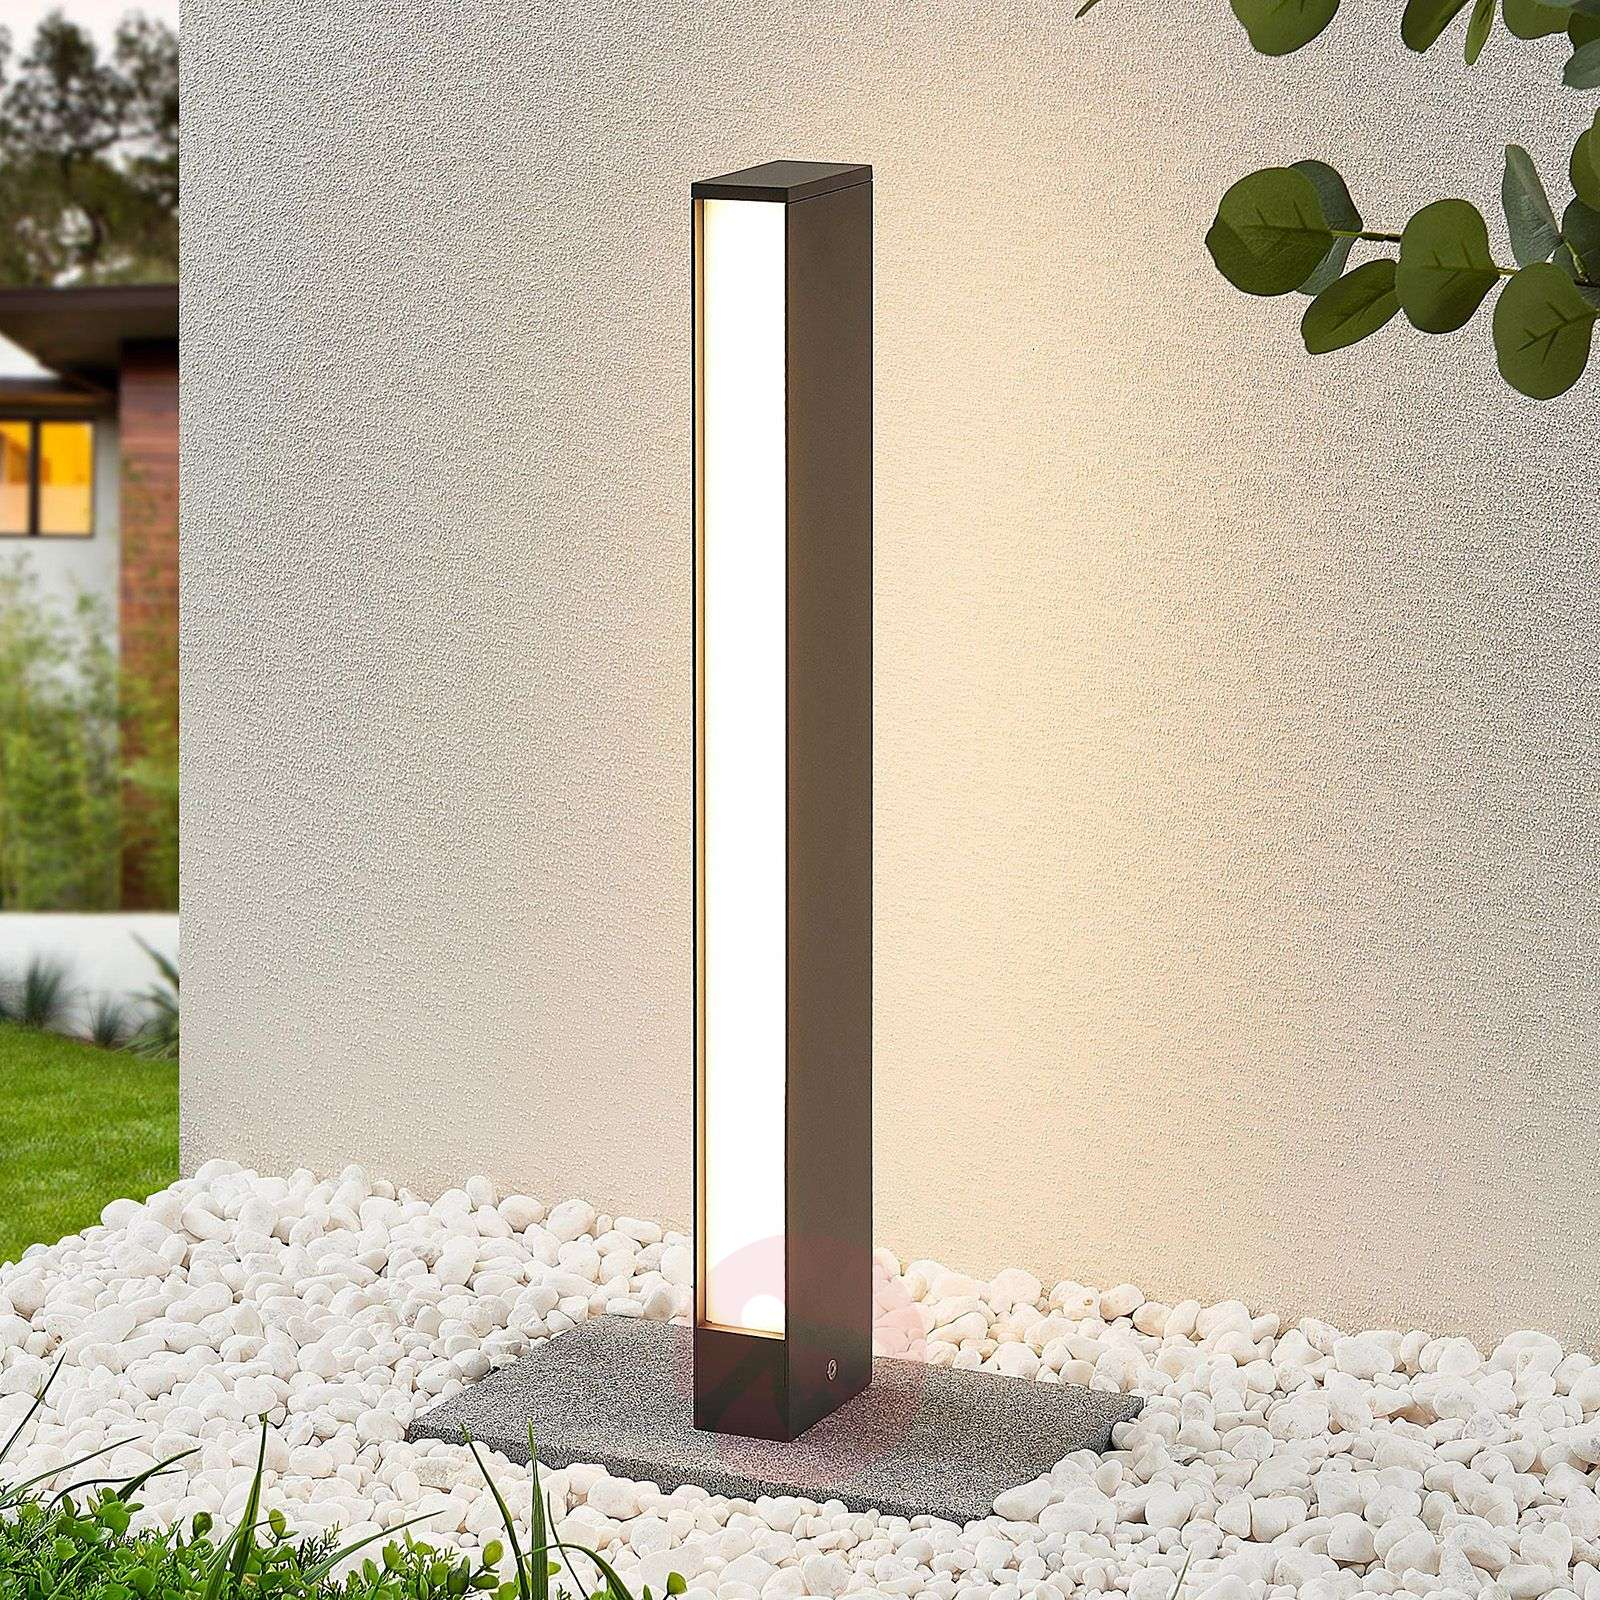 LED-pylväsvalaisin Lirka, tummanharmaa, 2-lampp.-9969105-02